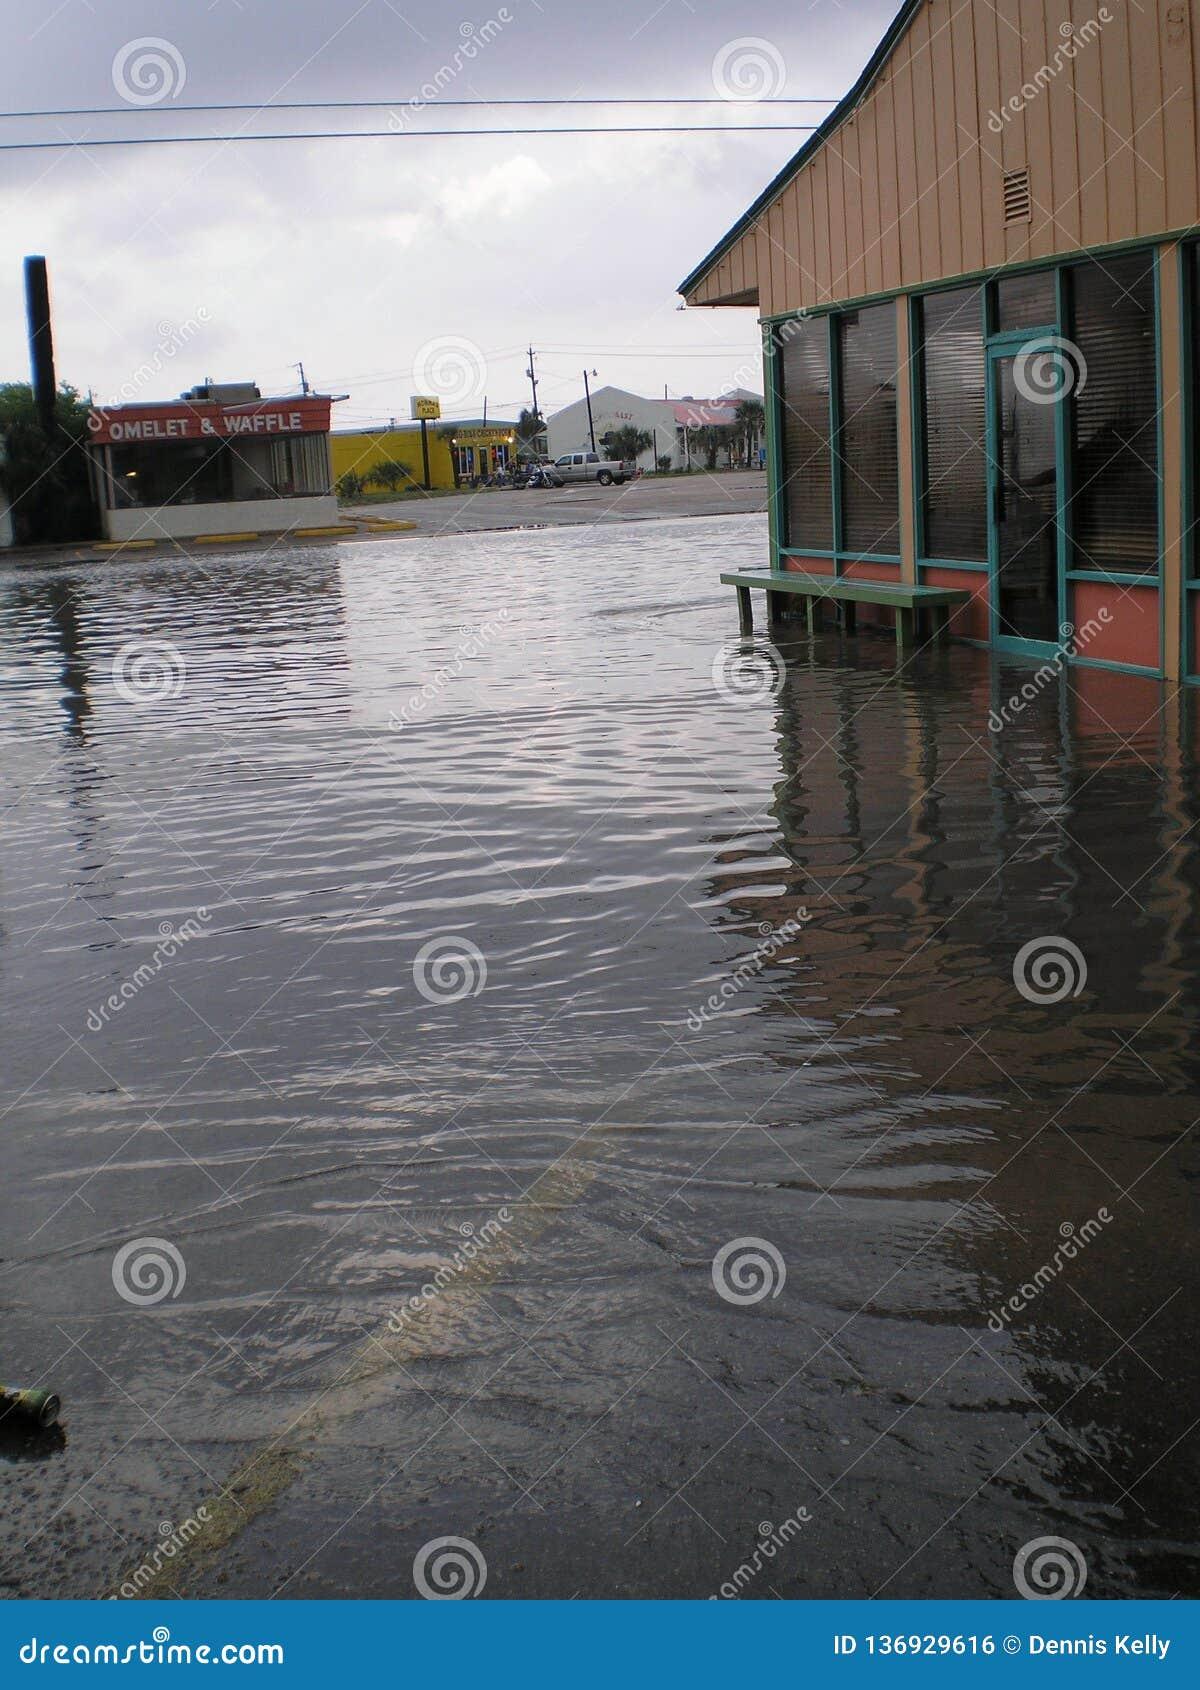 Мексиканский залив пляжа Панама (город) затопляя штормы идет дождь муссон